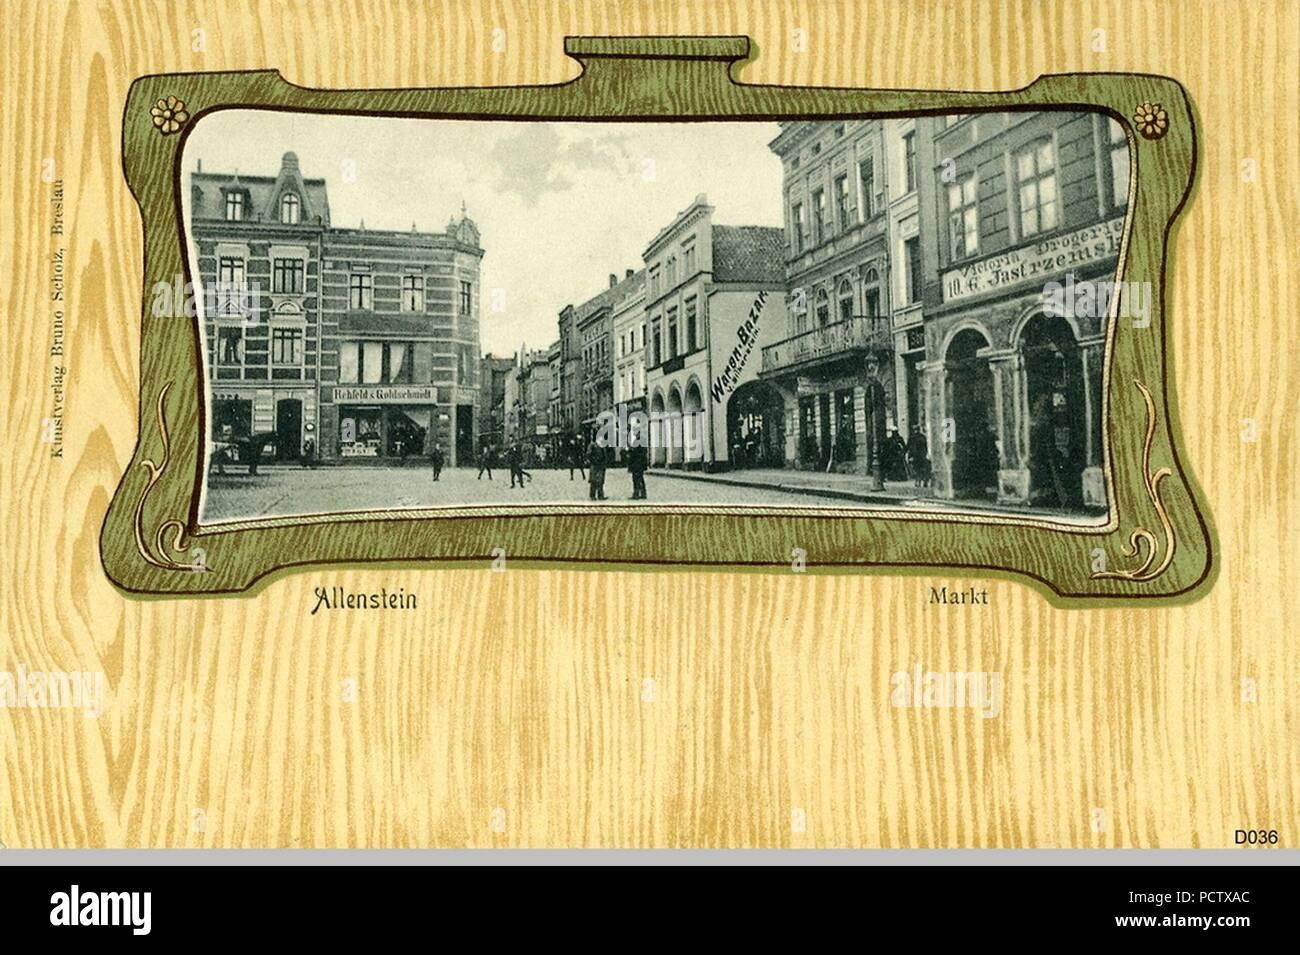 Allenstein (6). - Stock Image